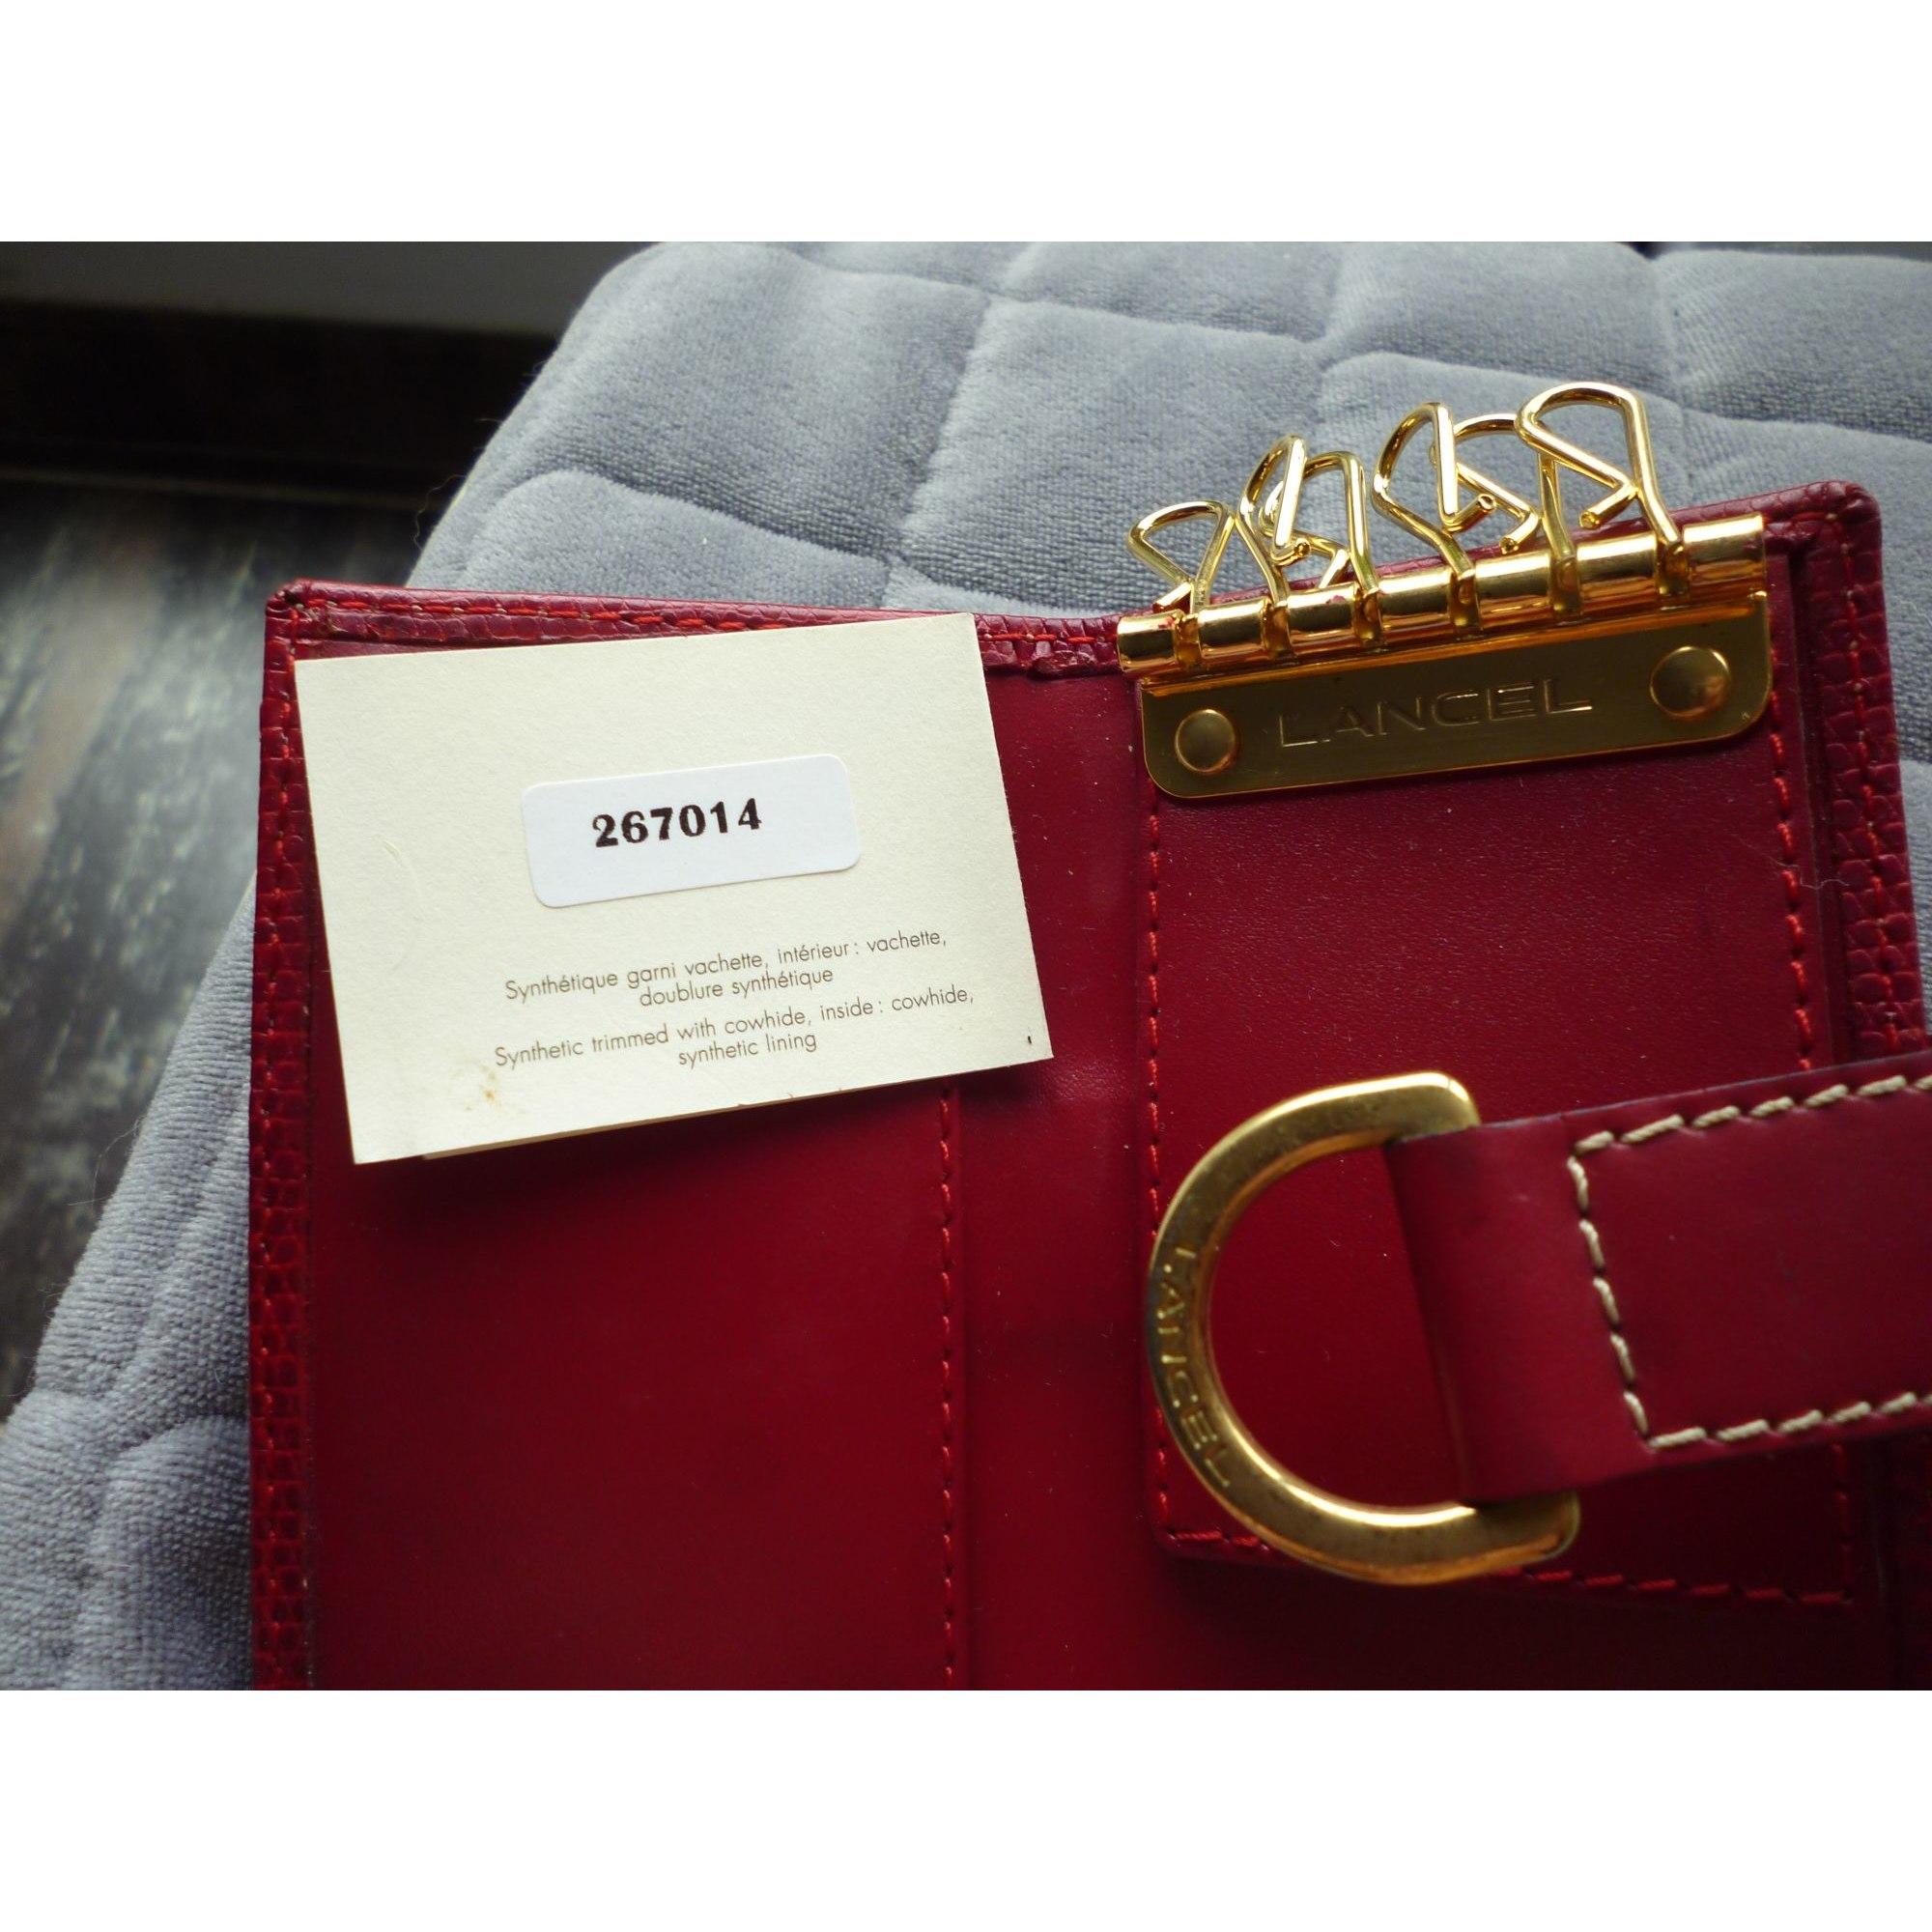 Porte-clés LANCEL rouge vendu par Le boudoir d elyana - 8196798 cf8daea05d4